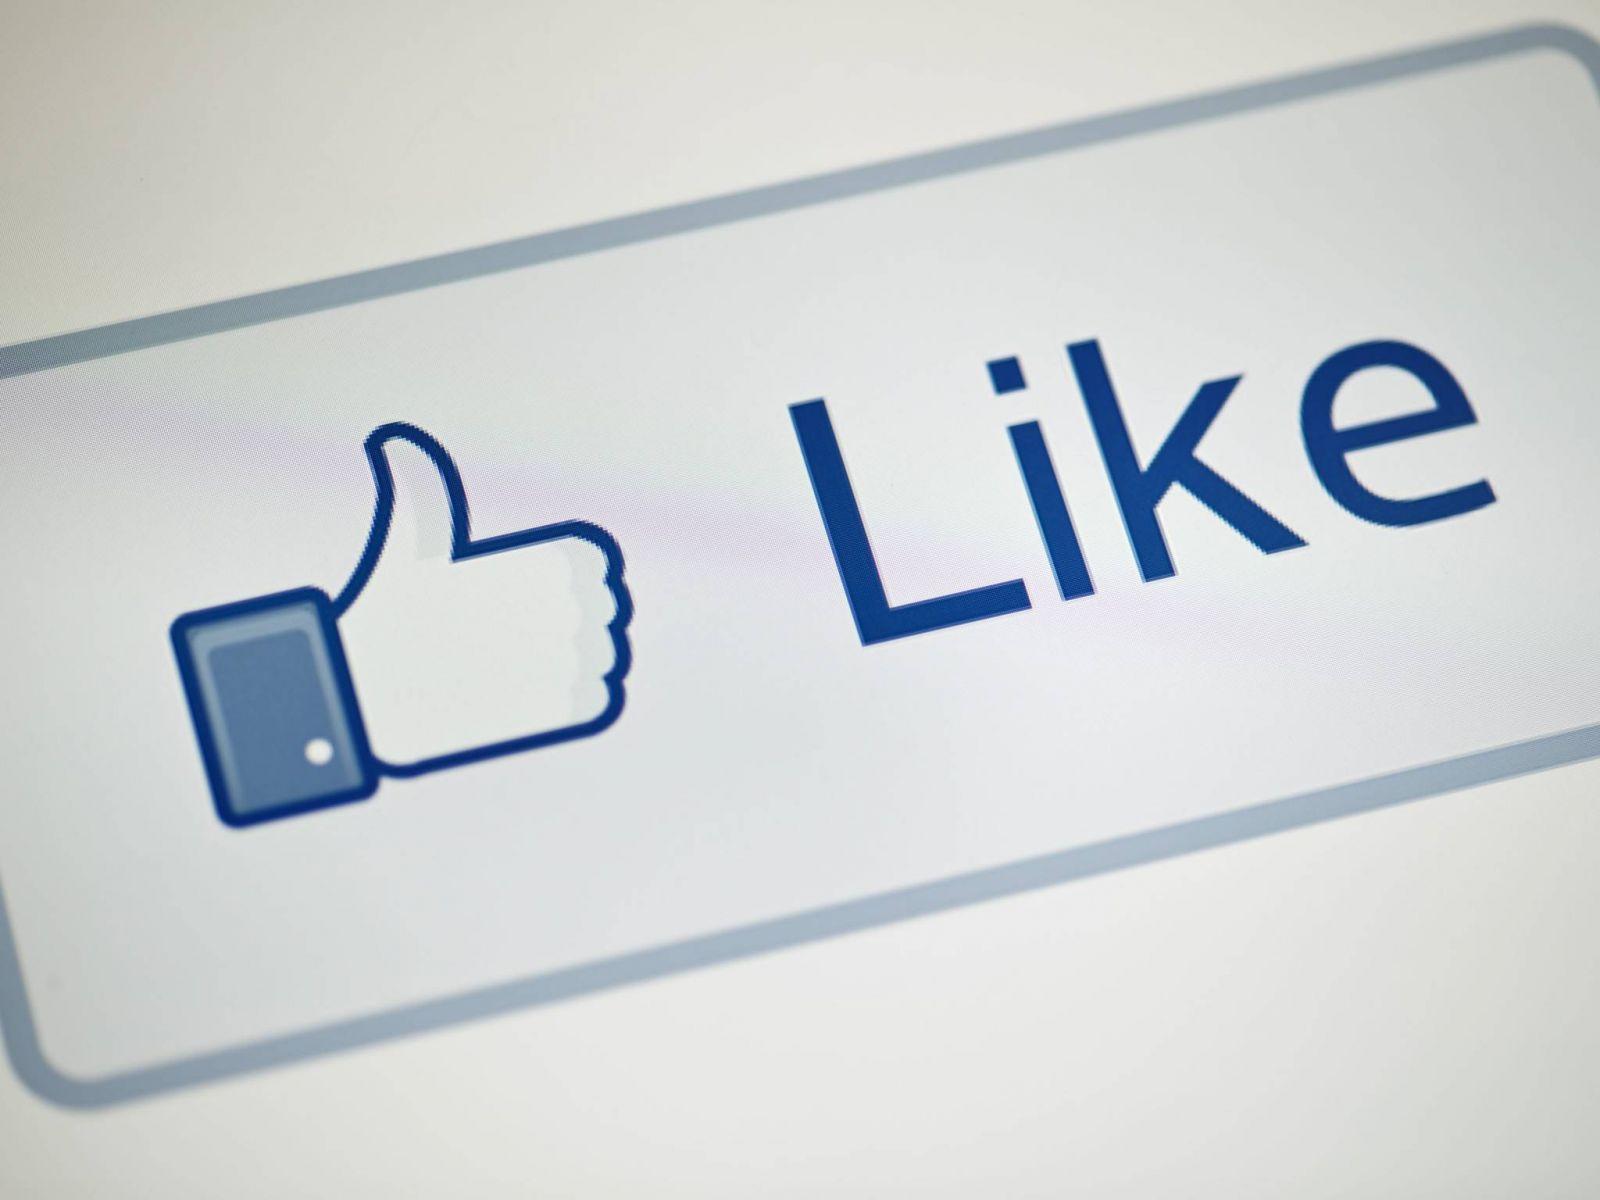 schimbarile-anuntate-de-facebook-pentru-news-feed-ce-va-aparea-de-acum-pe-pagina-utilizatorilor.jpg